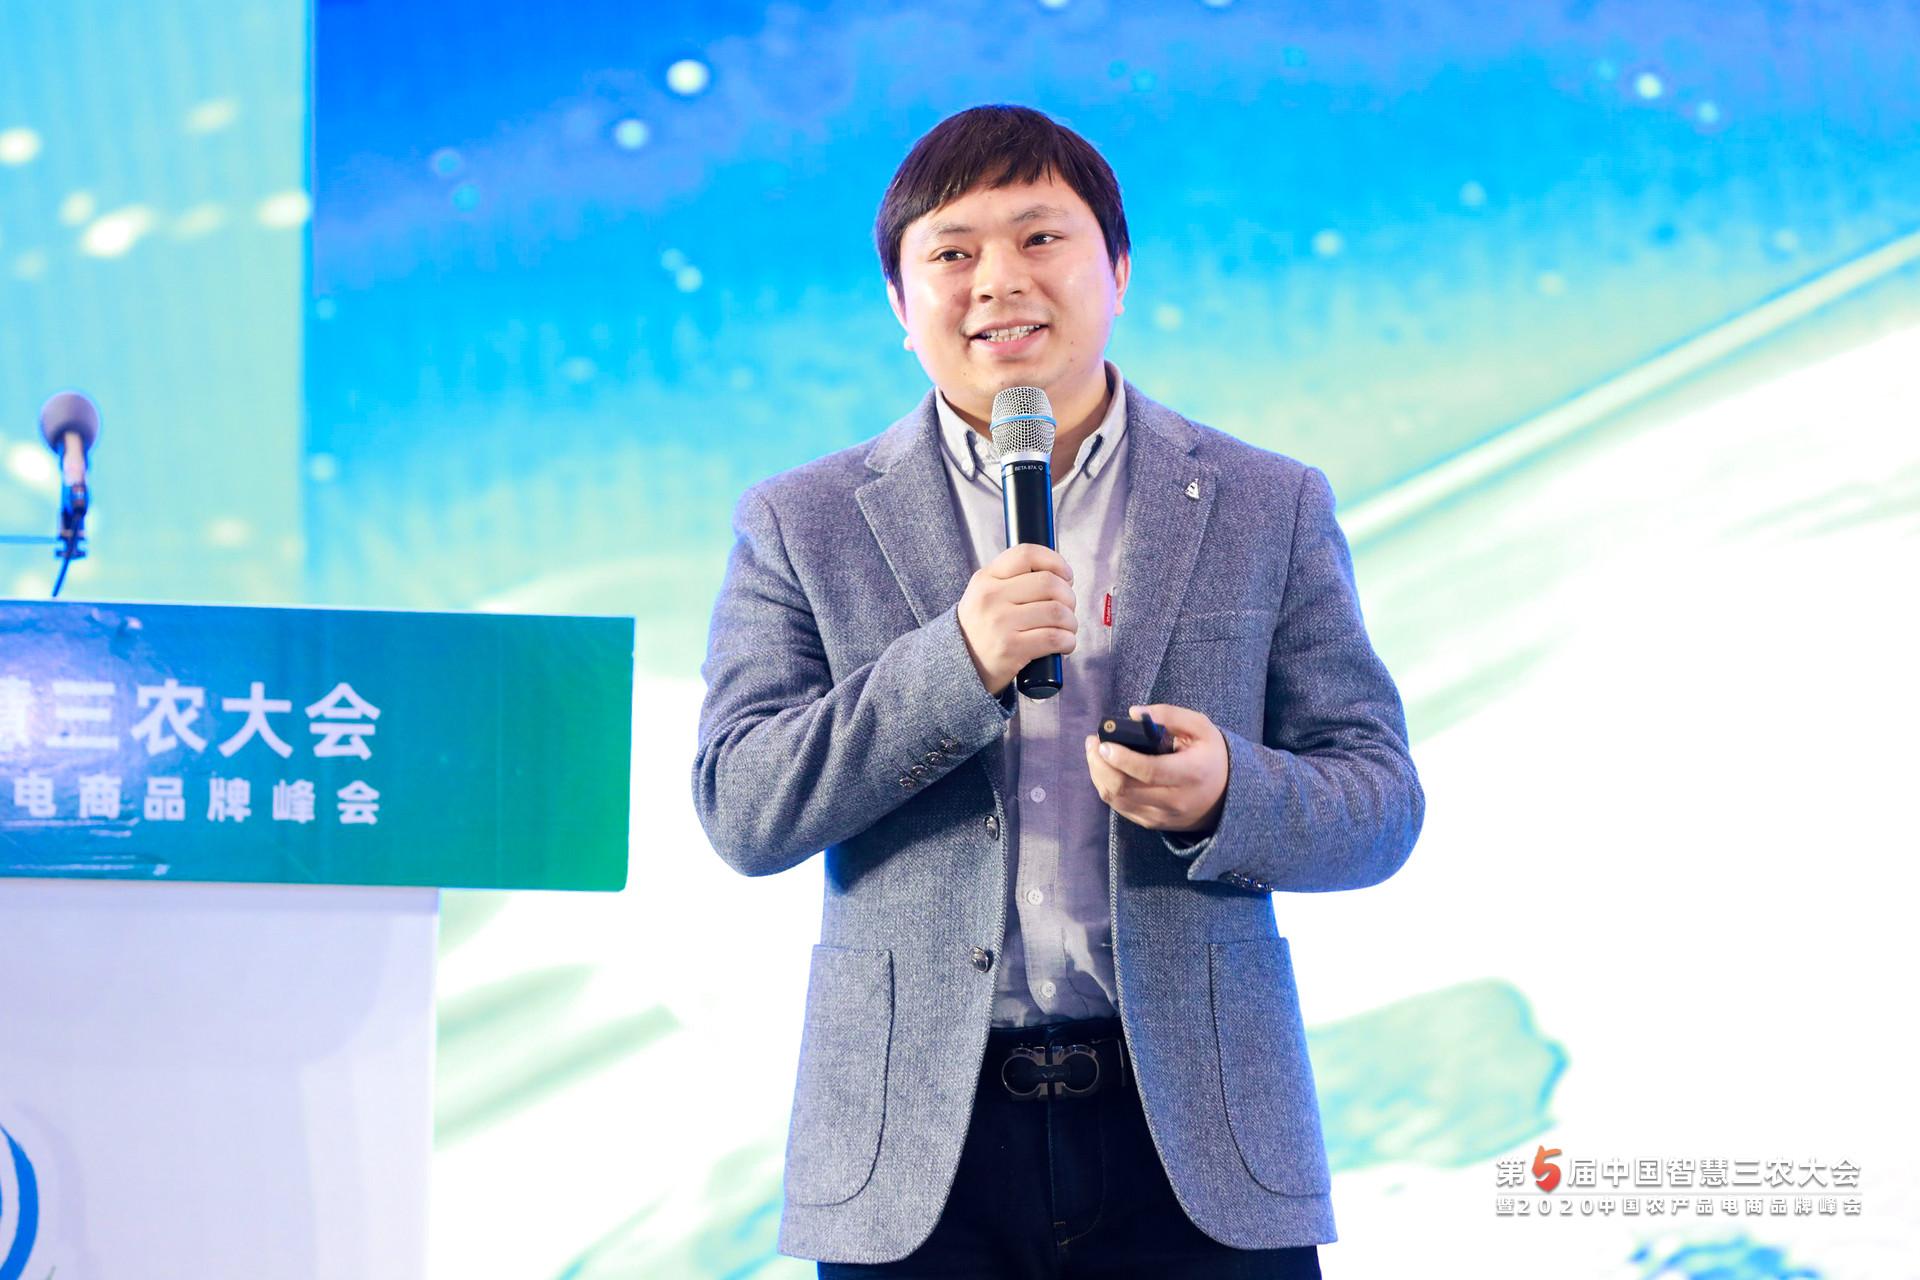 惠農網鄧武杰:做農產品區域品牌要同步規劃供應鏈支撐